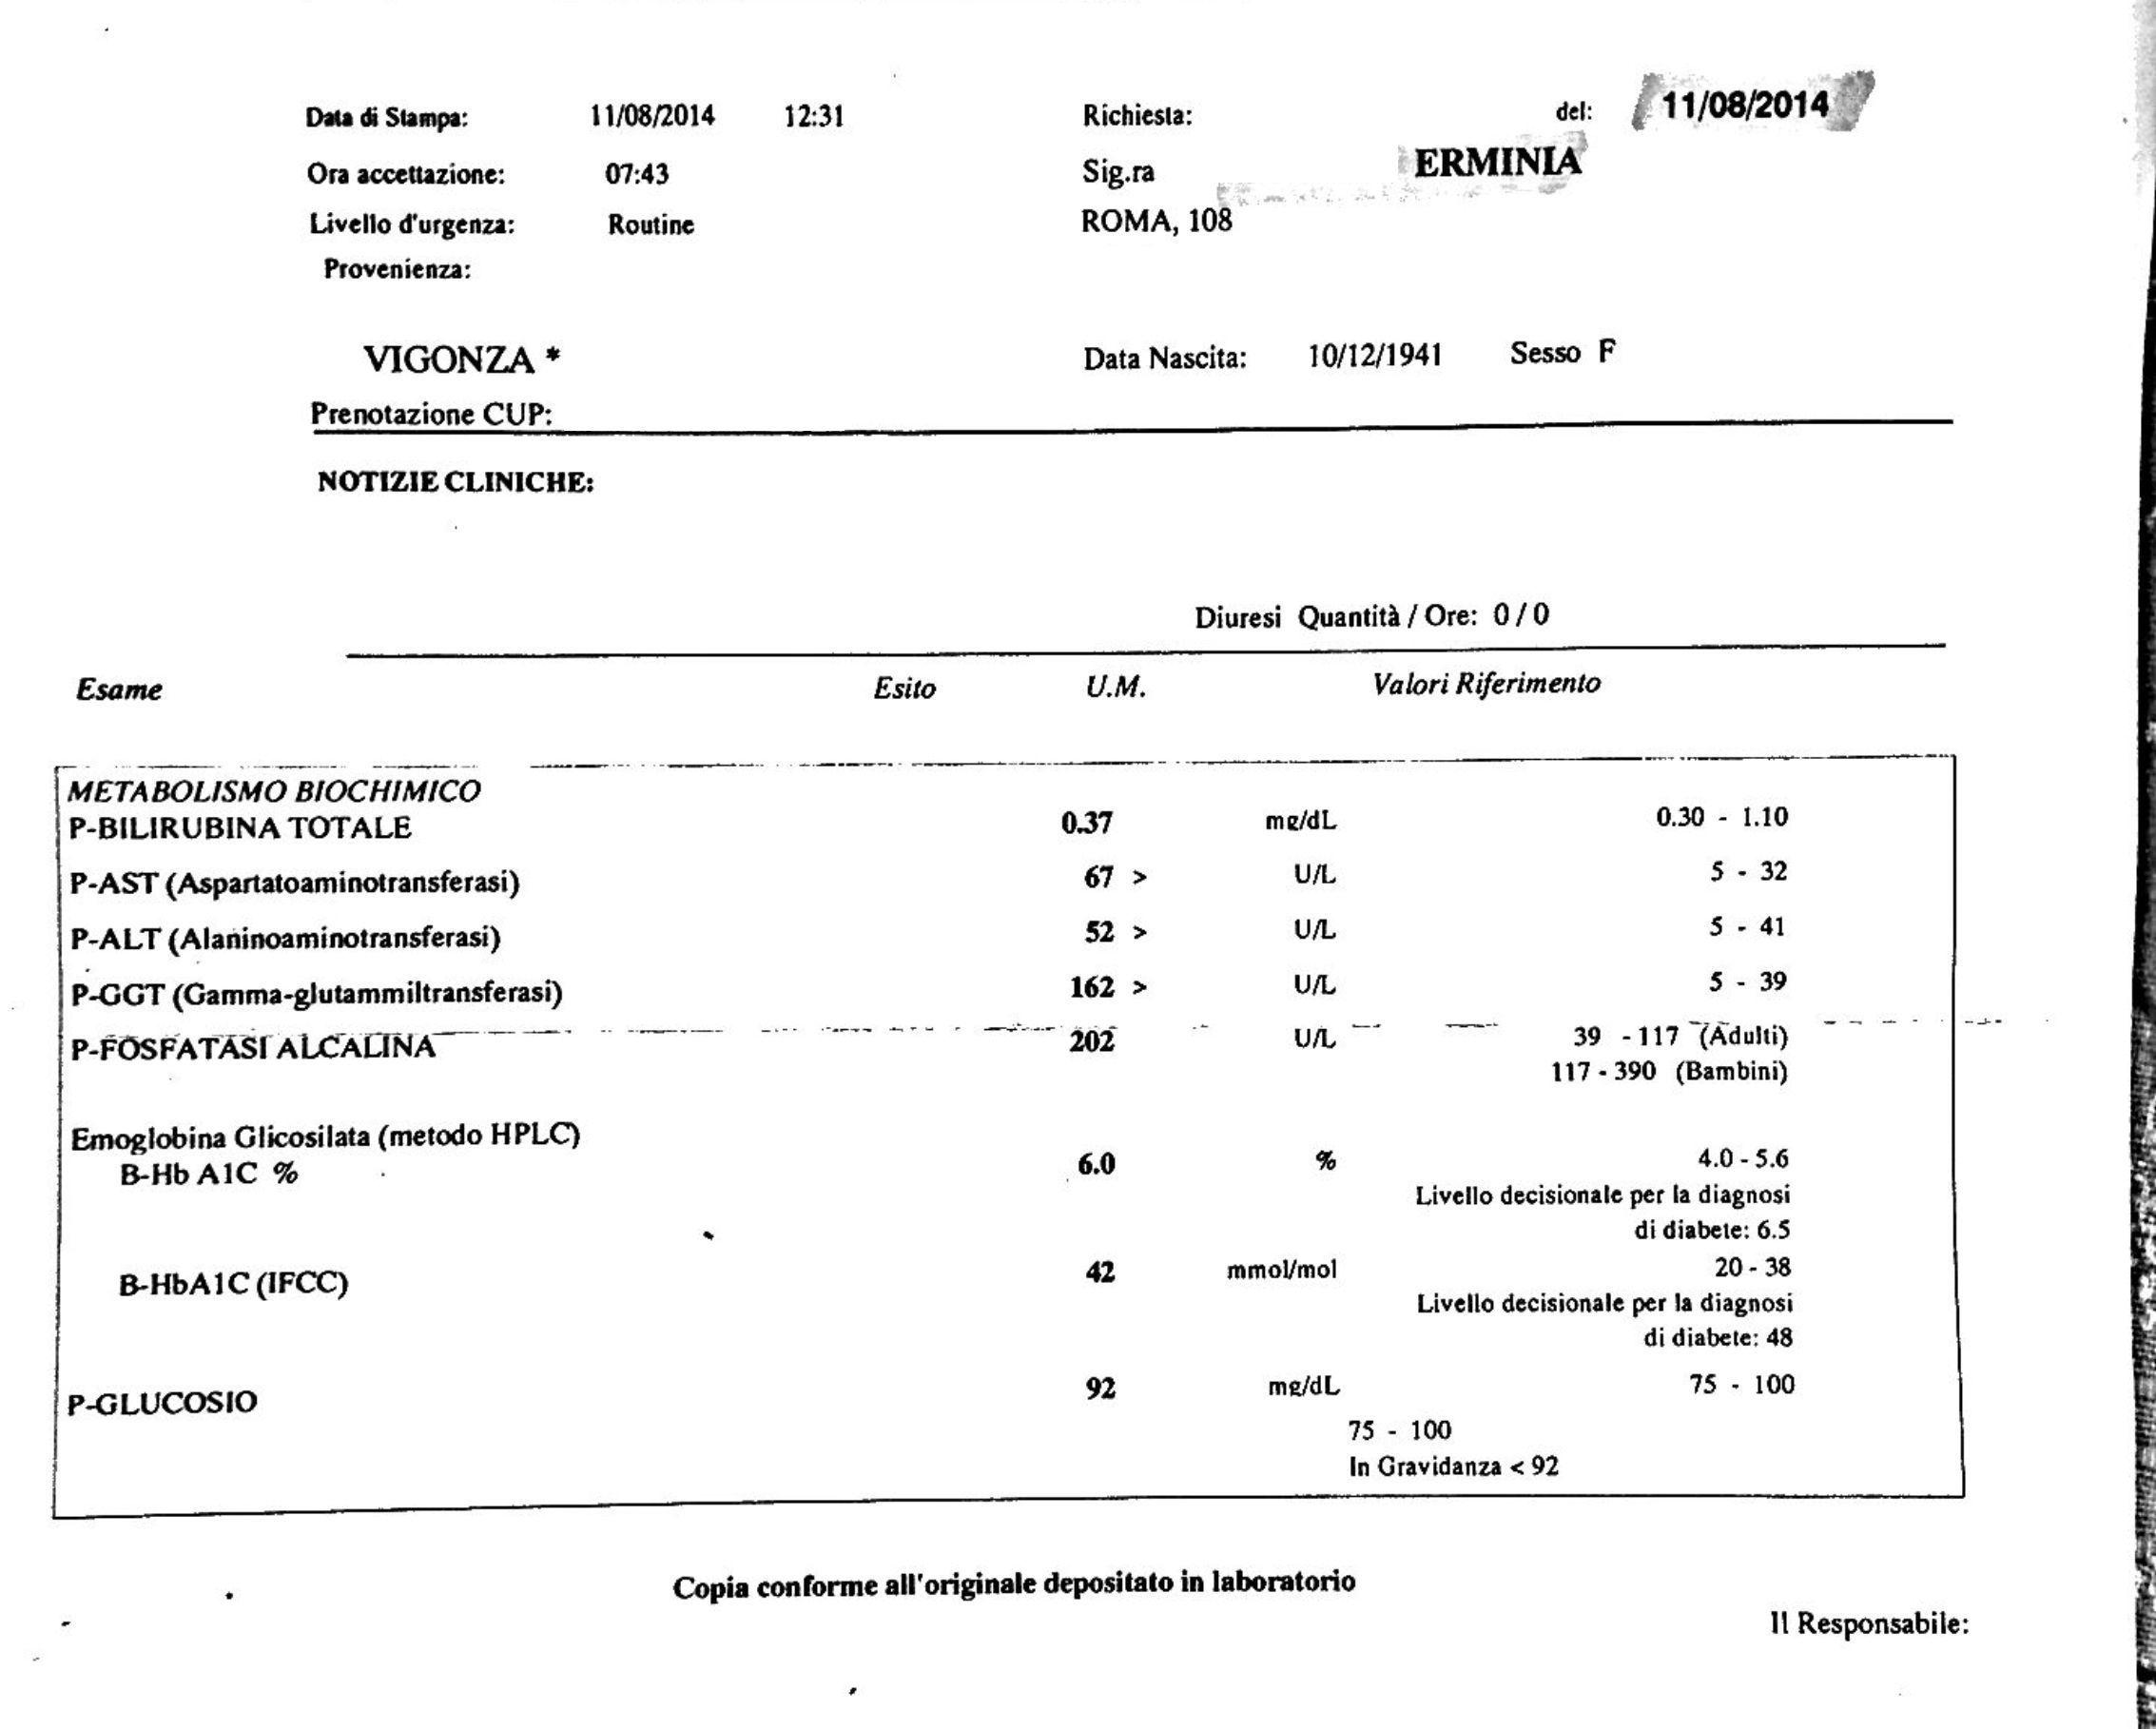 LifEscozul® - Erminia 12 - Cáncer de Páncreas